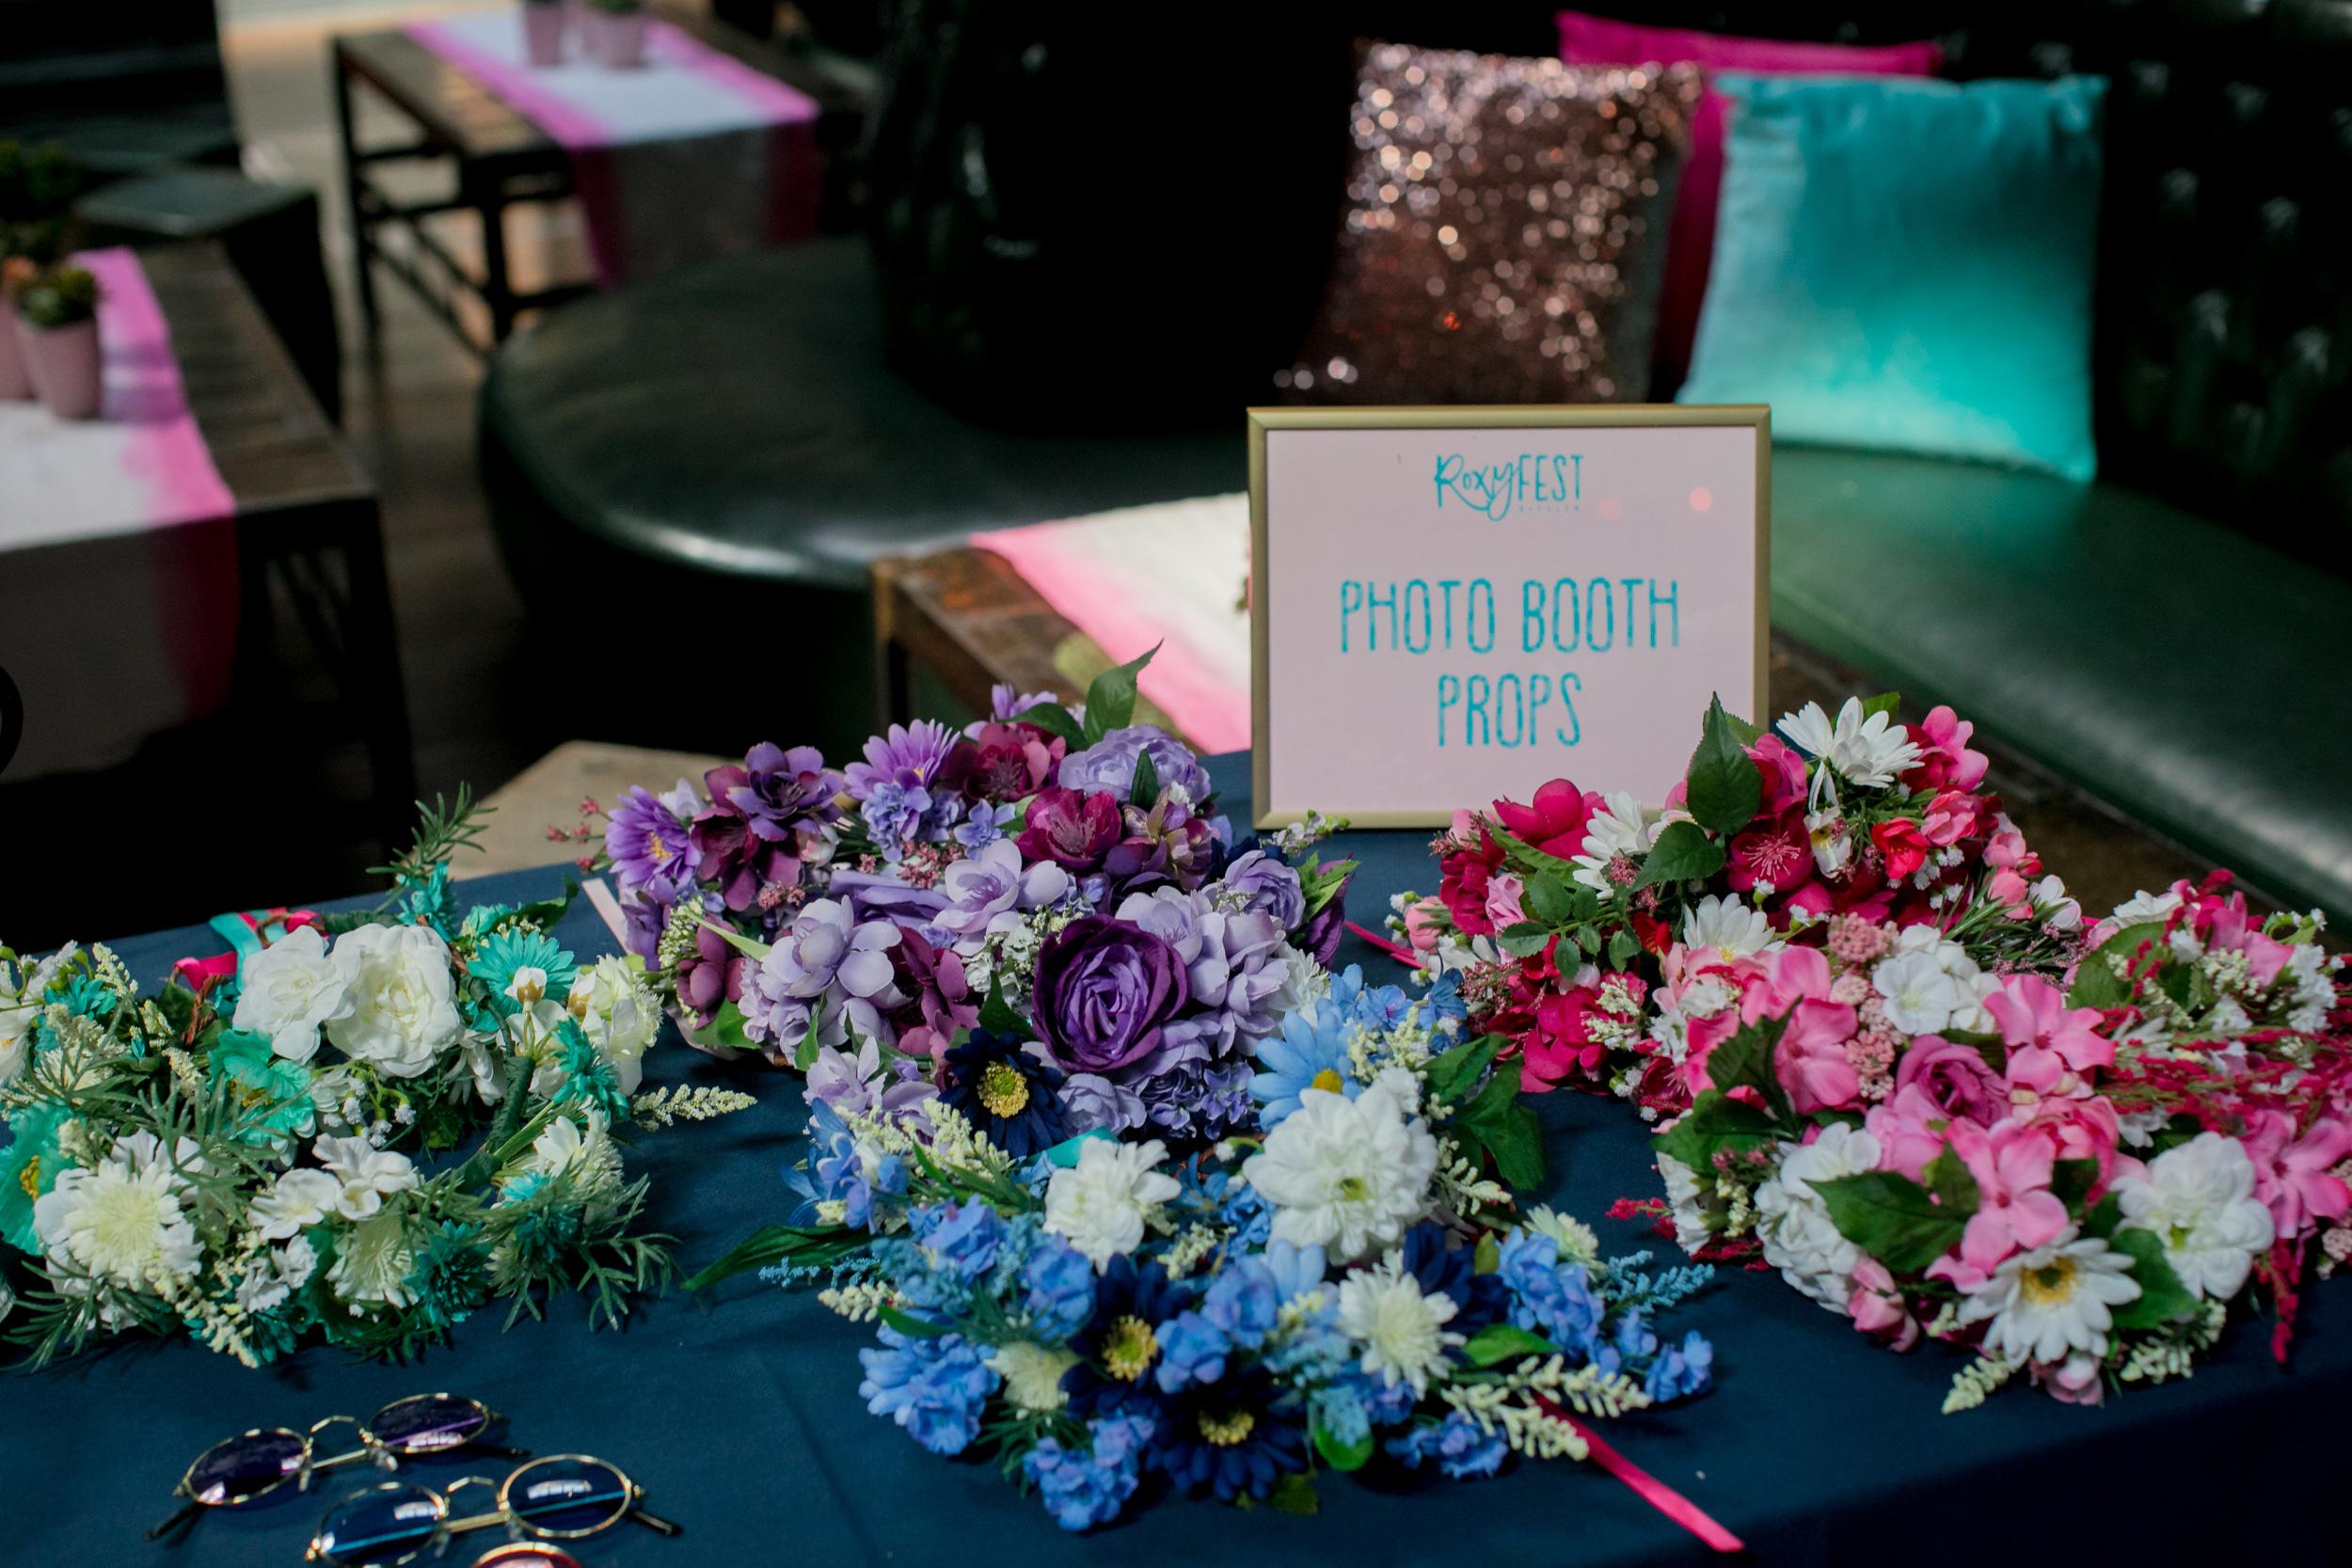 Event Design & Fabrication : Brooklyn Bowl Roxyfest Custom Flower Crowns